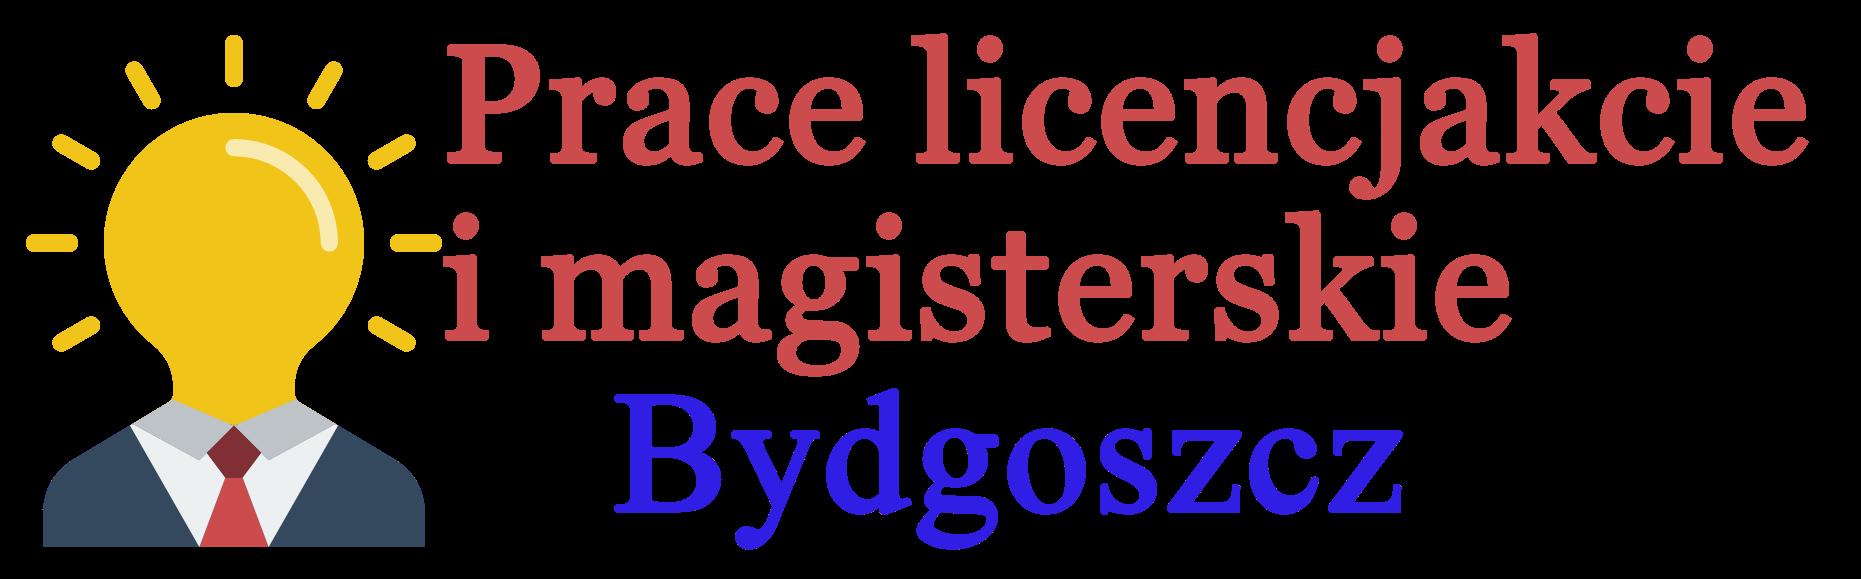 Prace licencjackie i magisterskie - Bydgoszcz